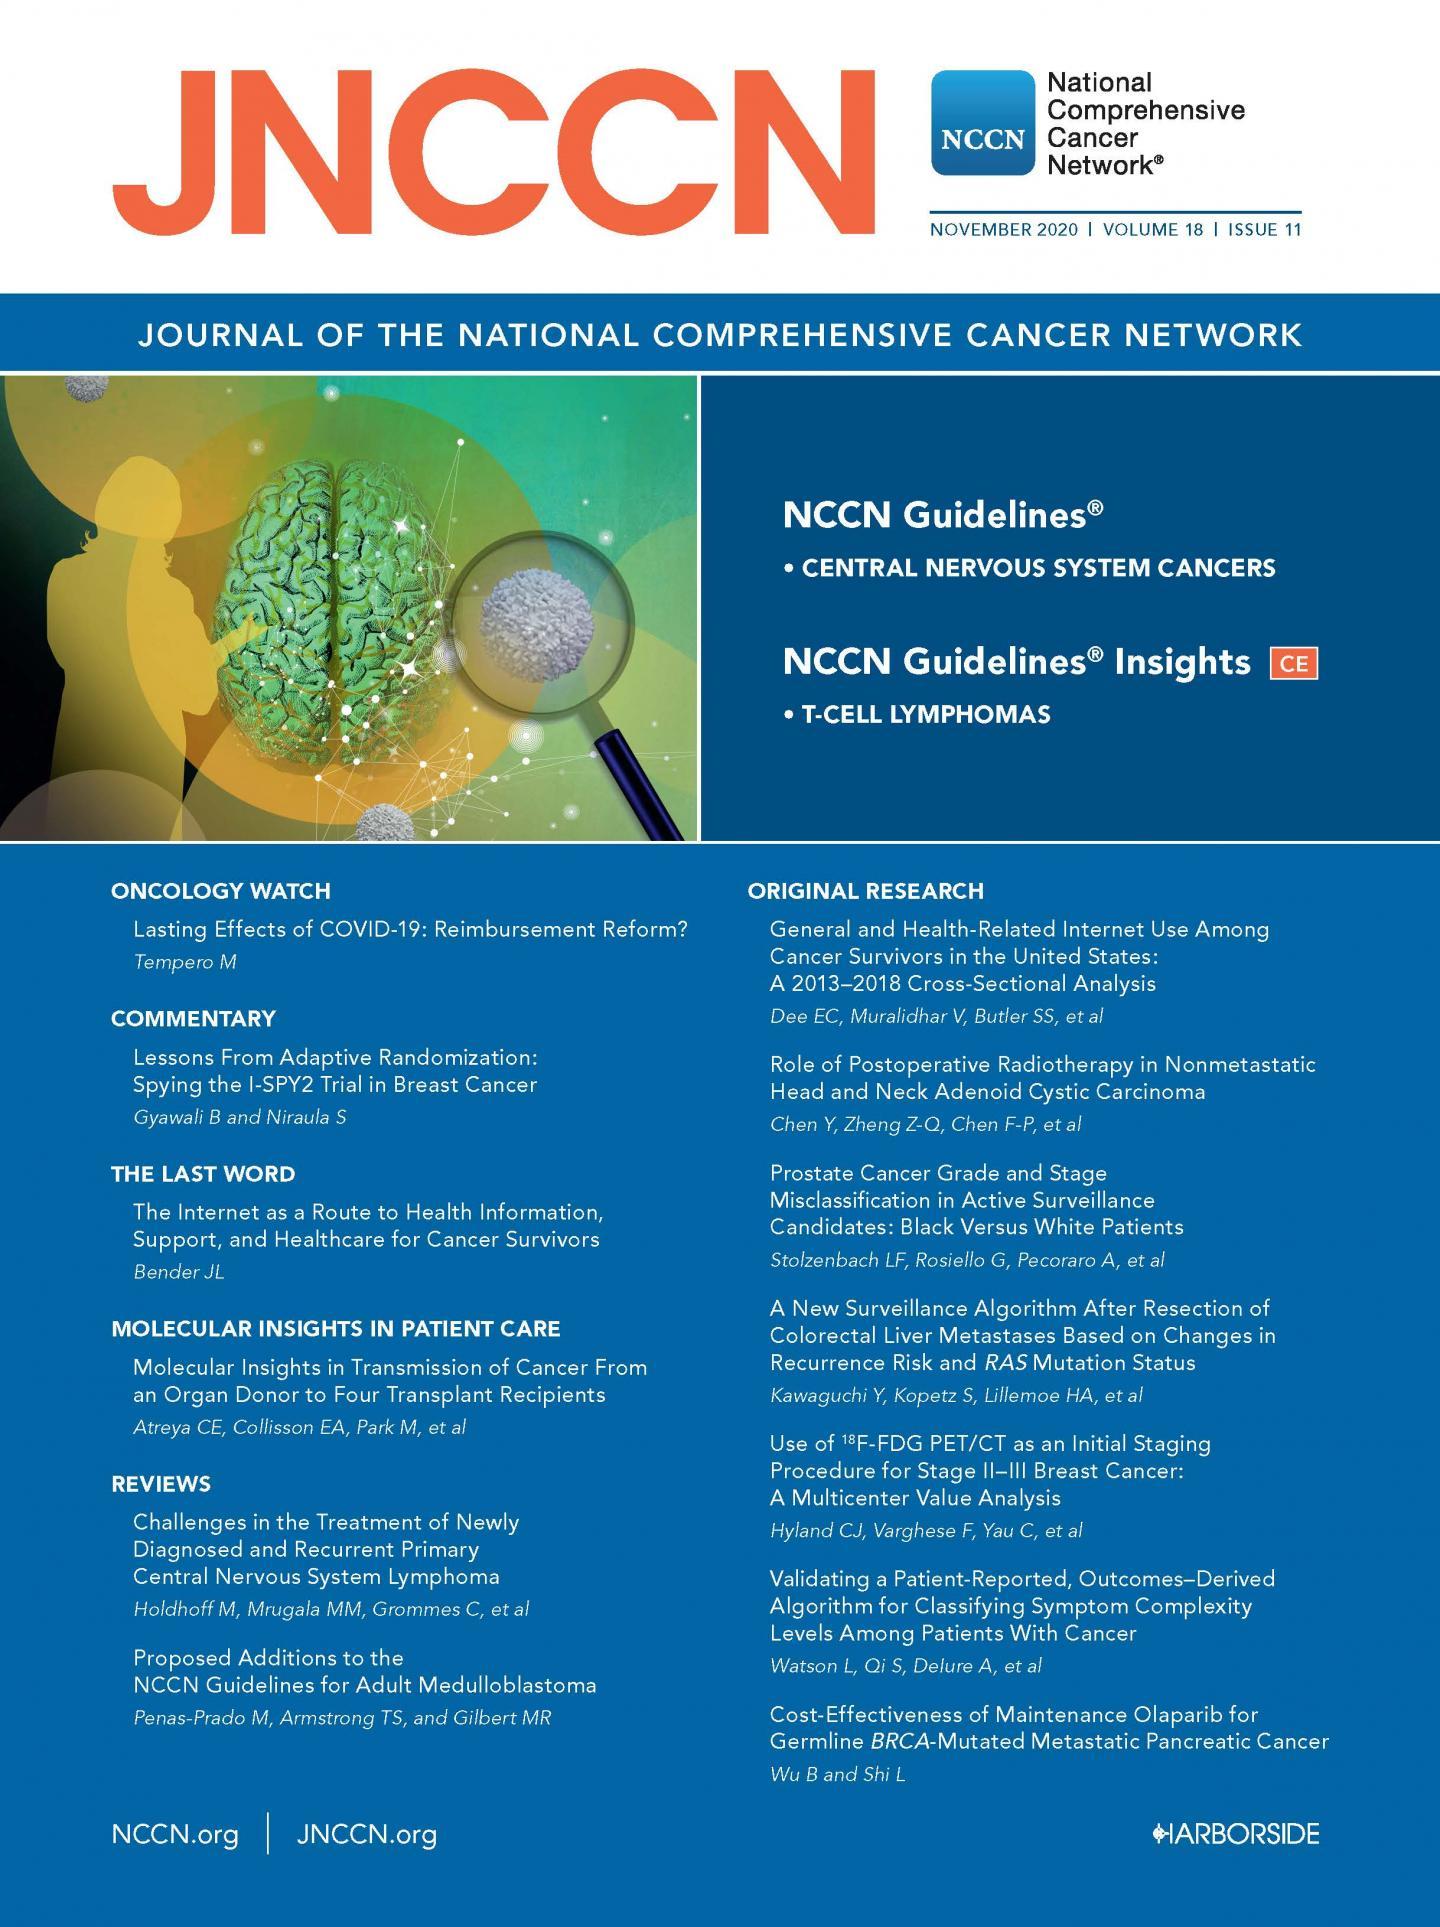 JNCCN November 2020 Cover